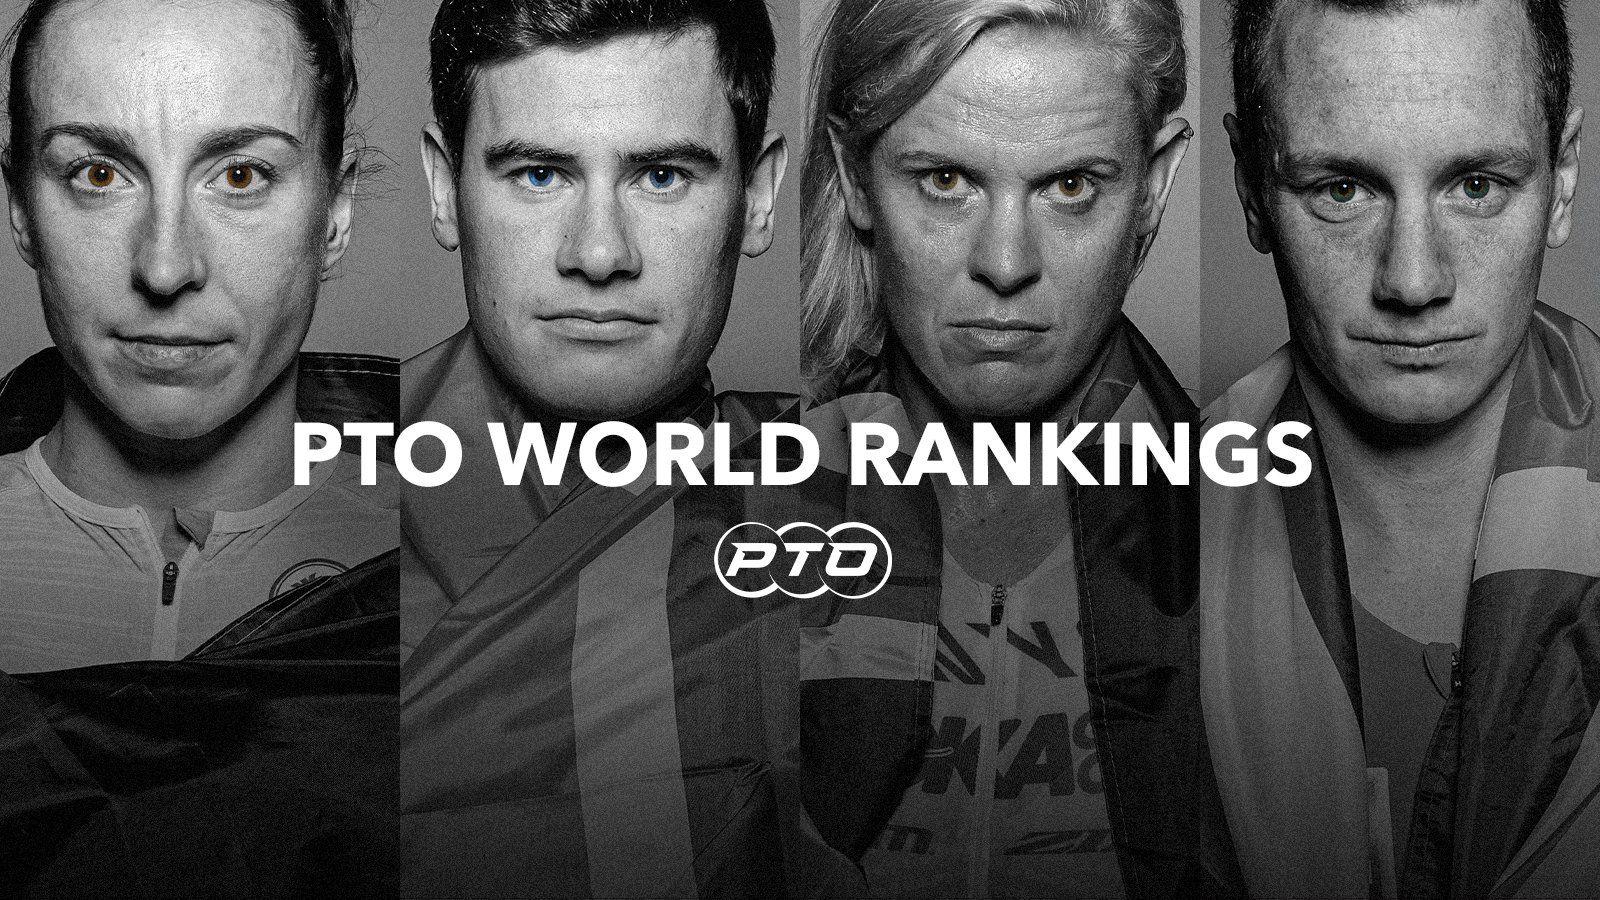 Daytona stars rocket up PTO World Rankings